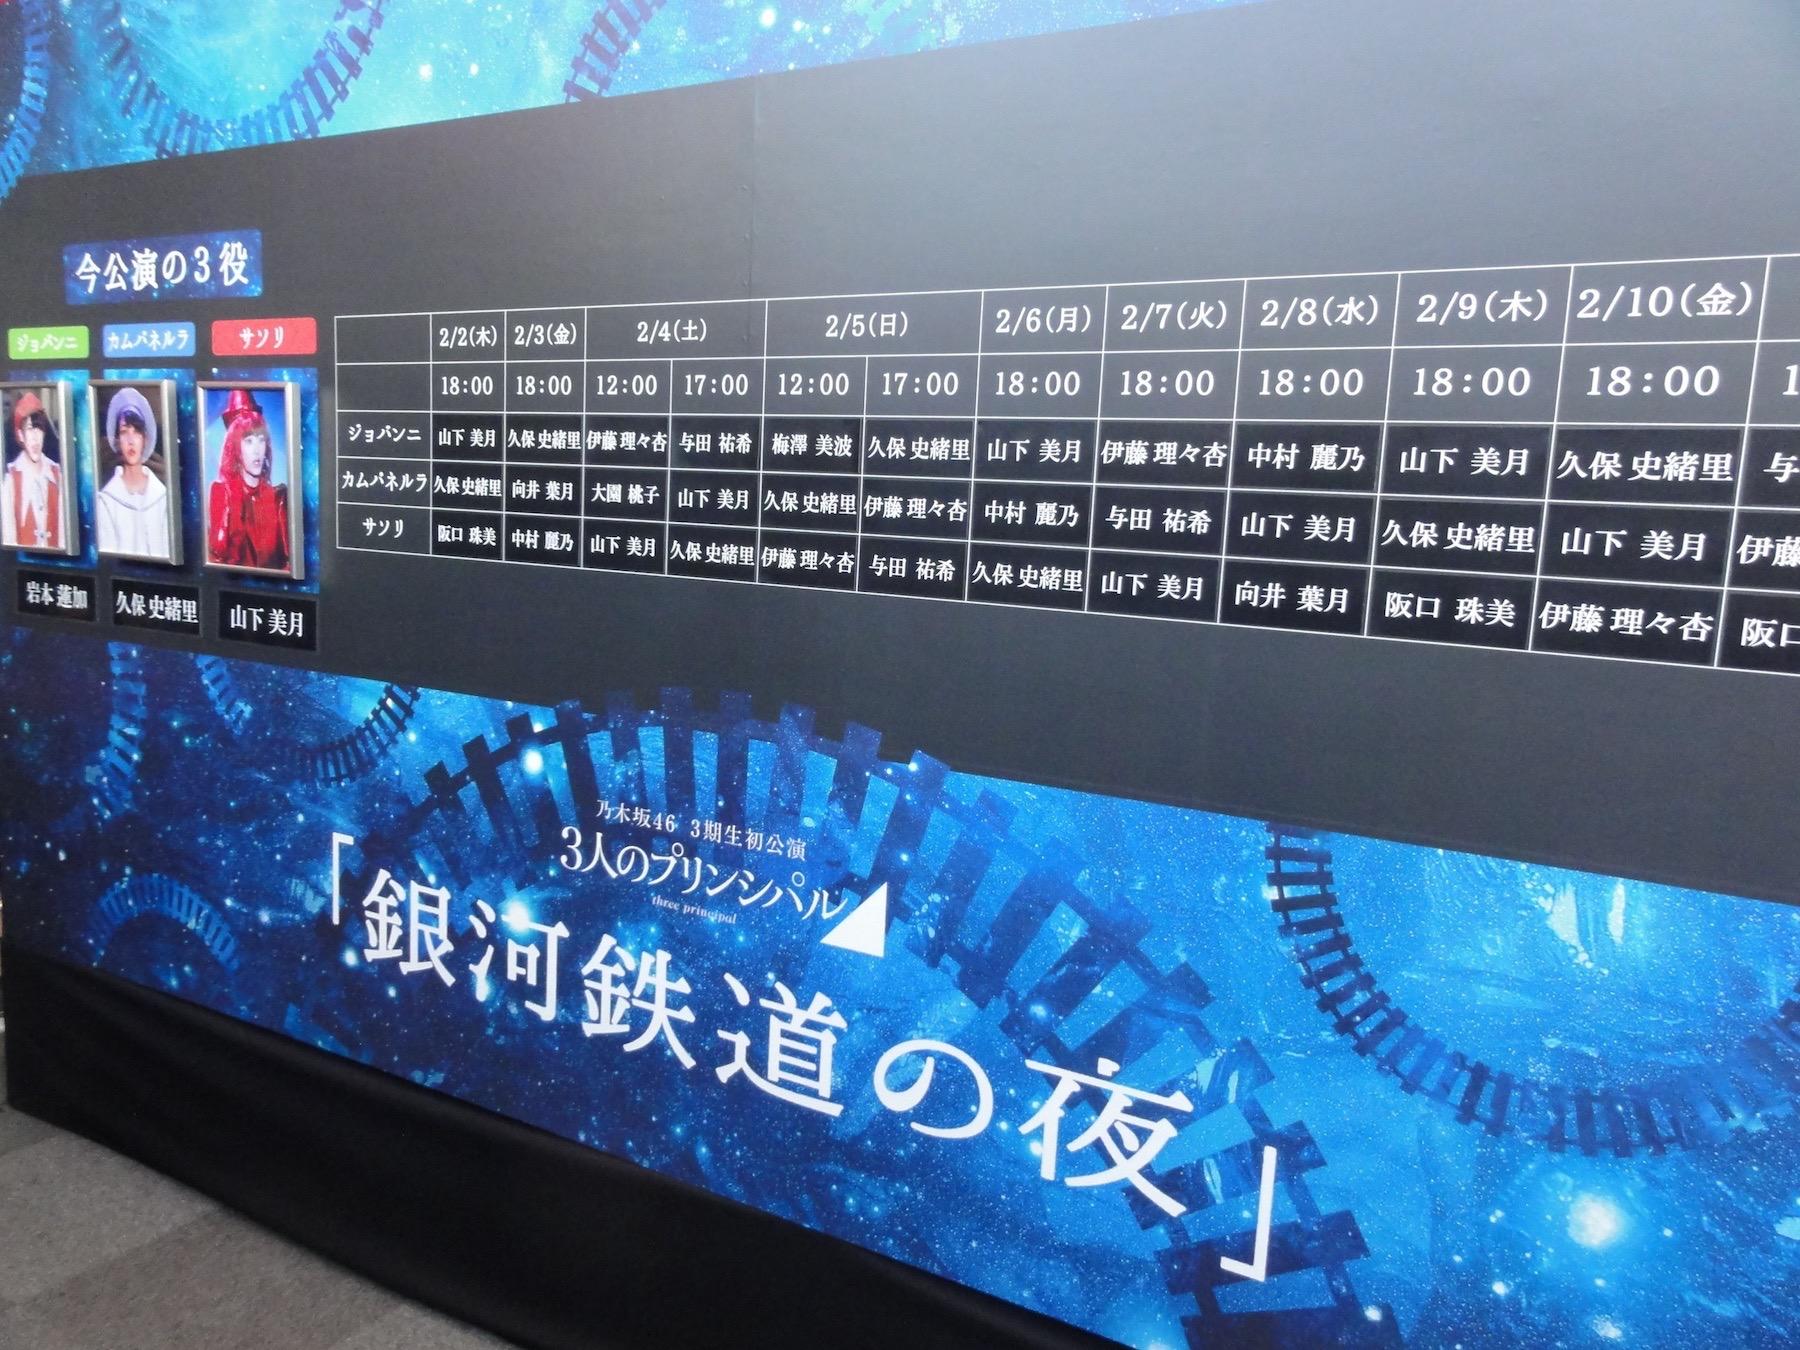 乃木坂散歩道・第214回「乃木坂クライシス・3人のプリンシパル」